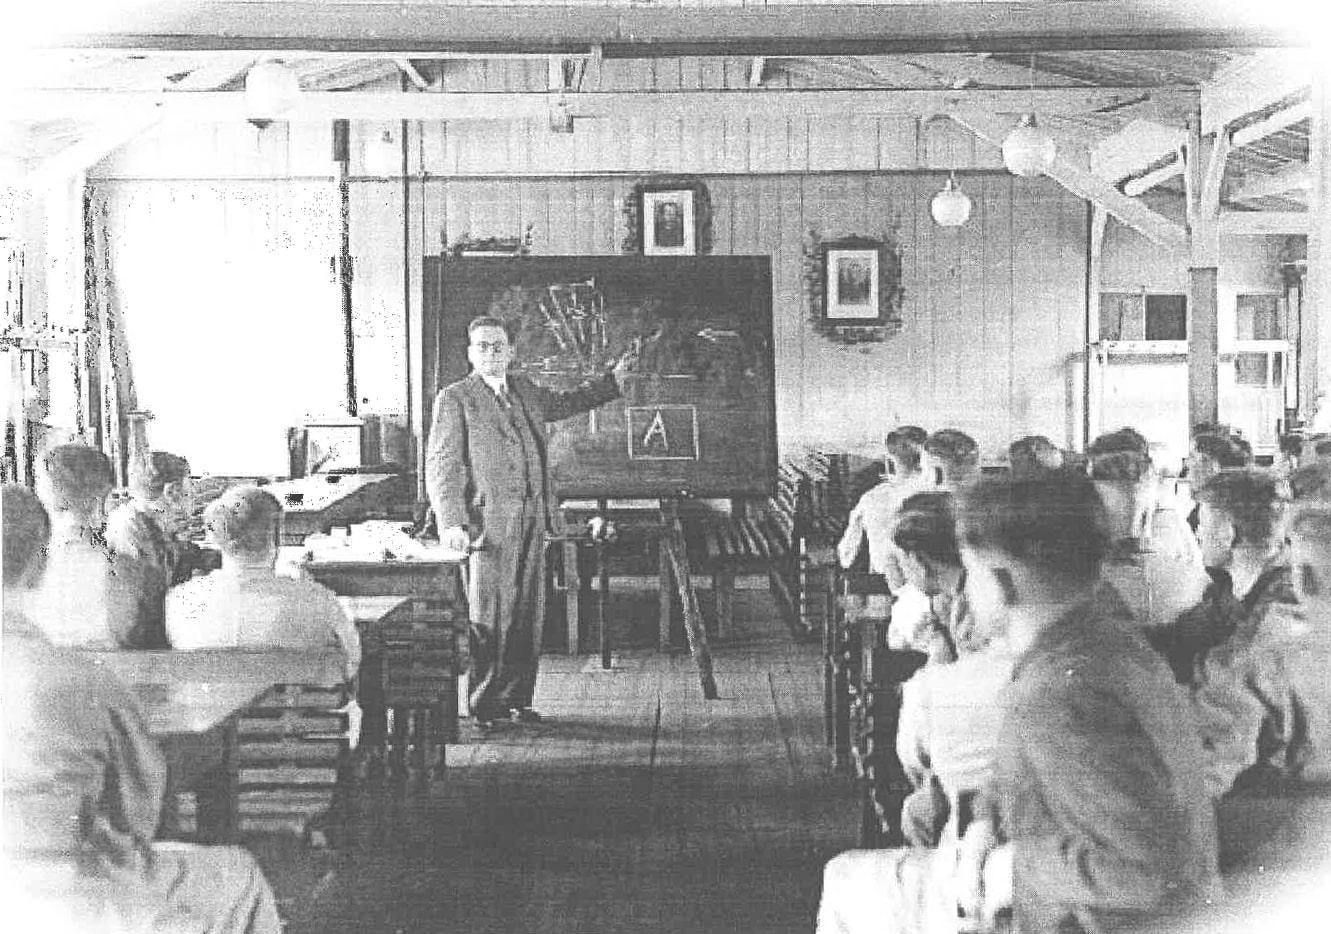 Werksuntericht der Betriebslehrlinge 1939 - Steinmüller